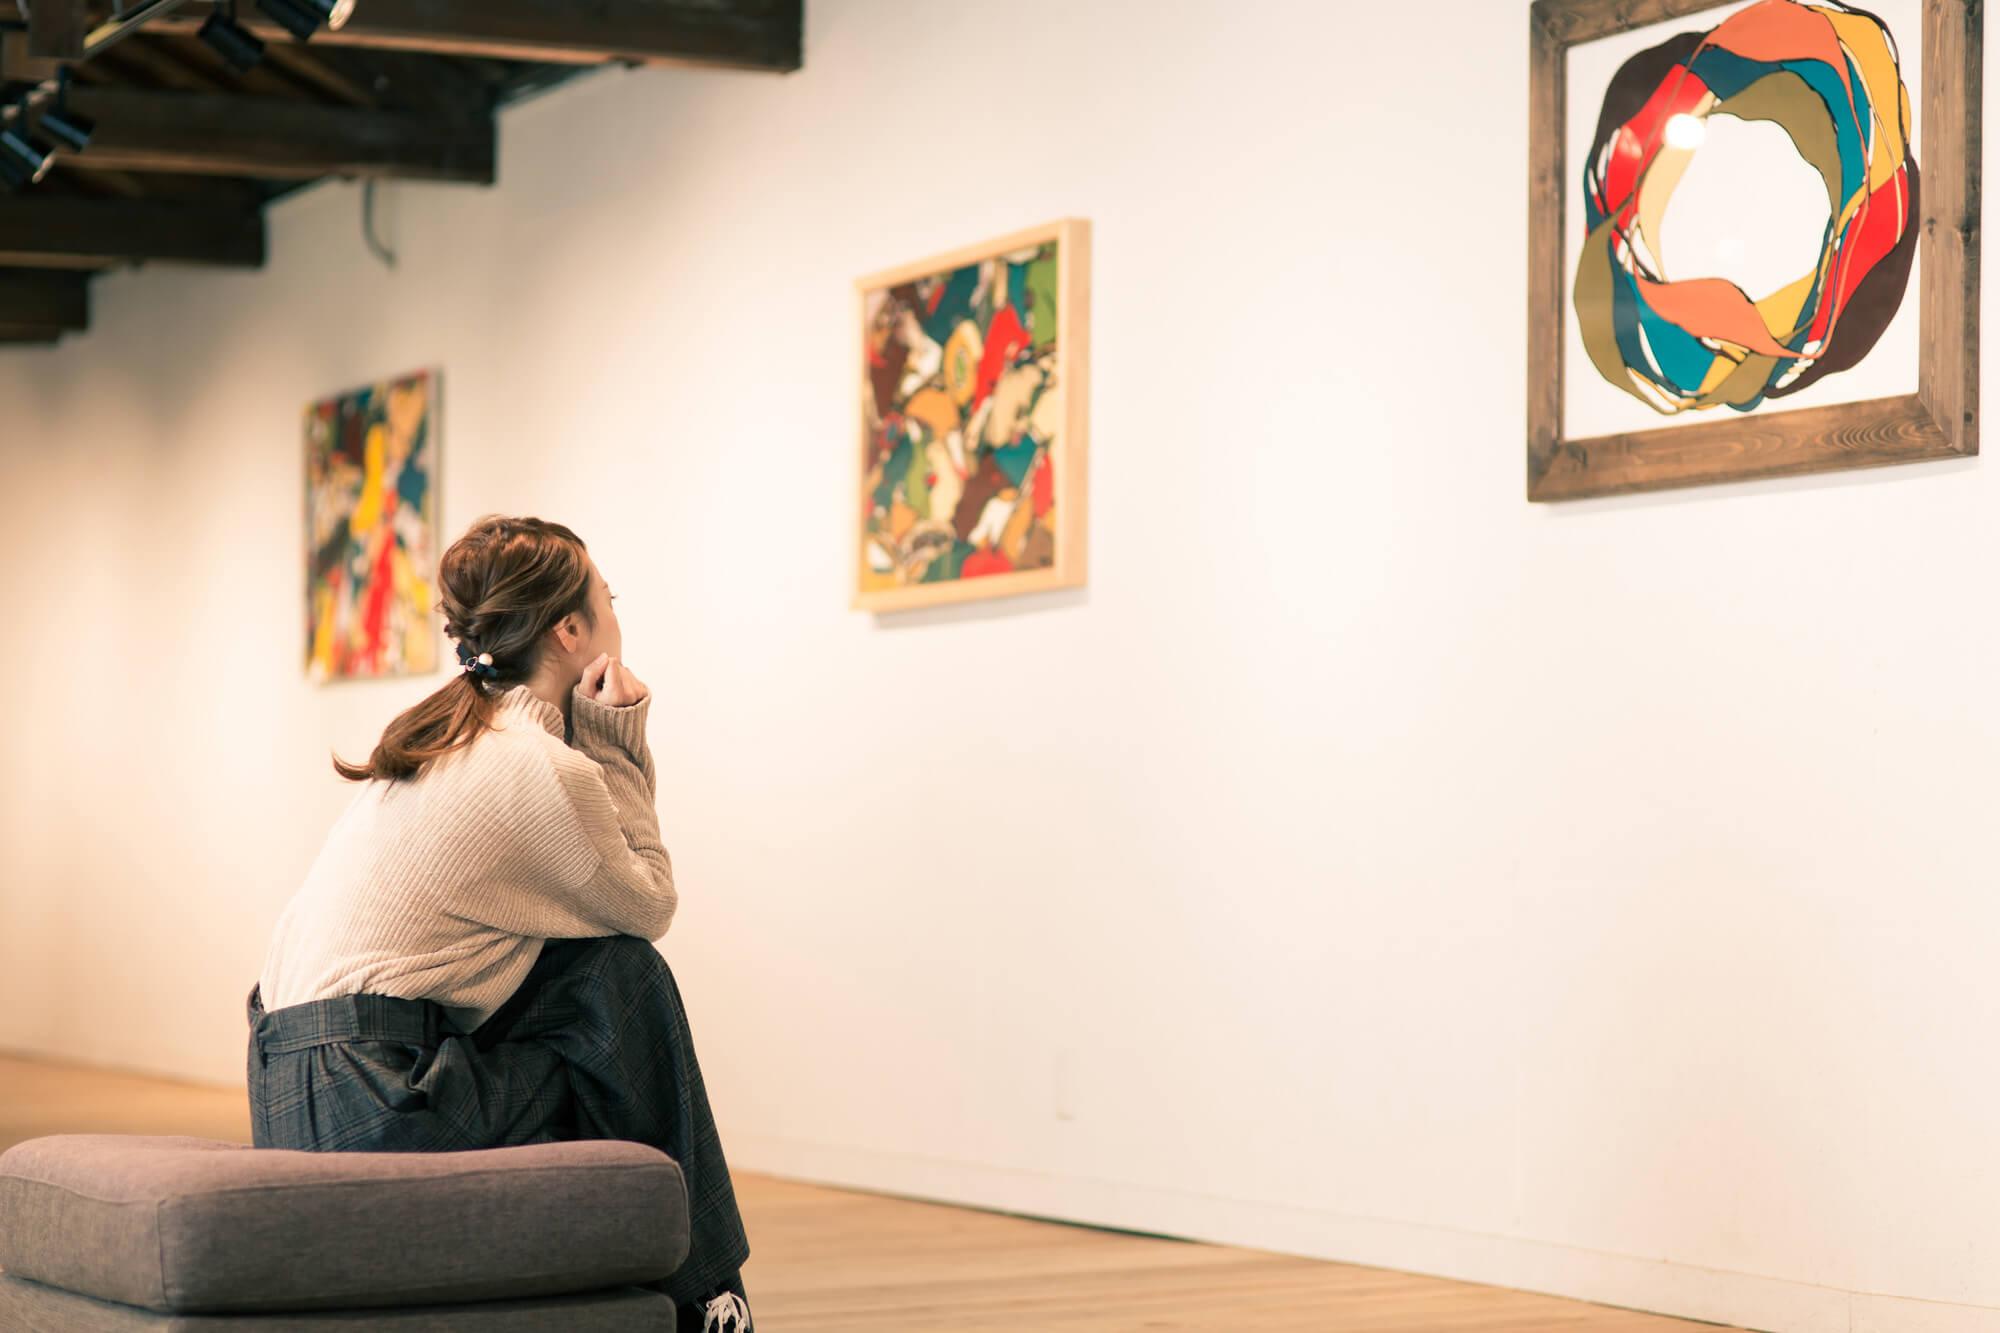 個展や展覧会を鑑賞しているお客。近い将来を見据えているイメージ